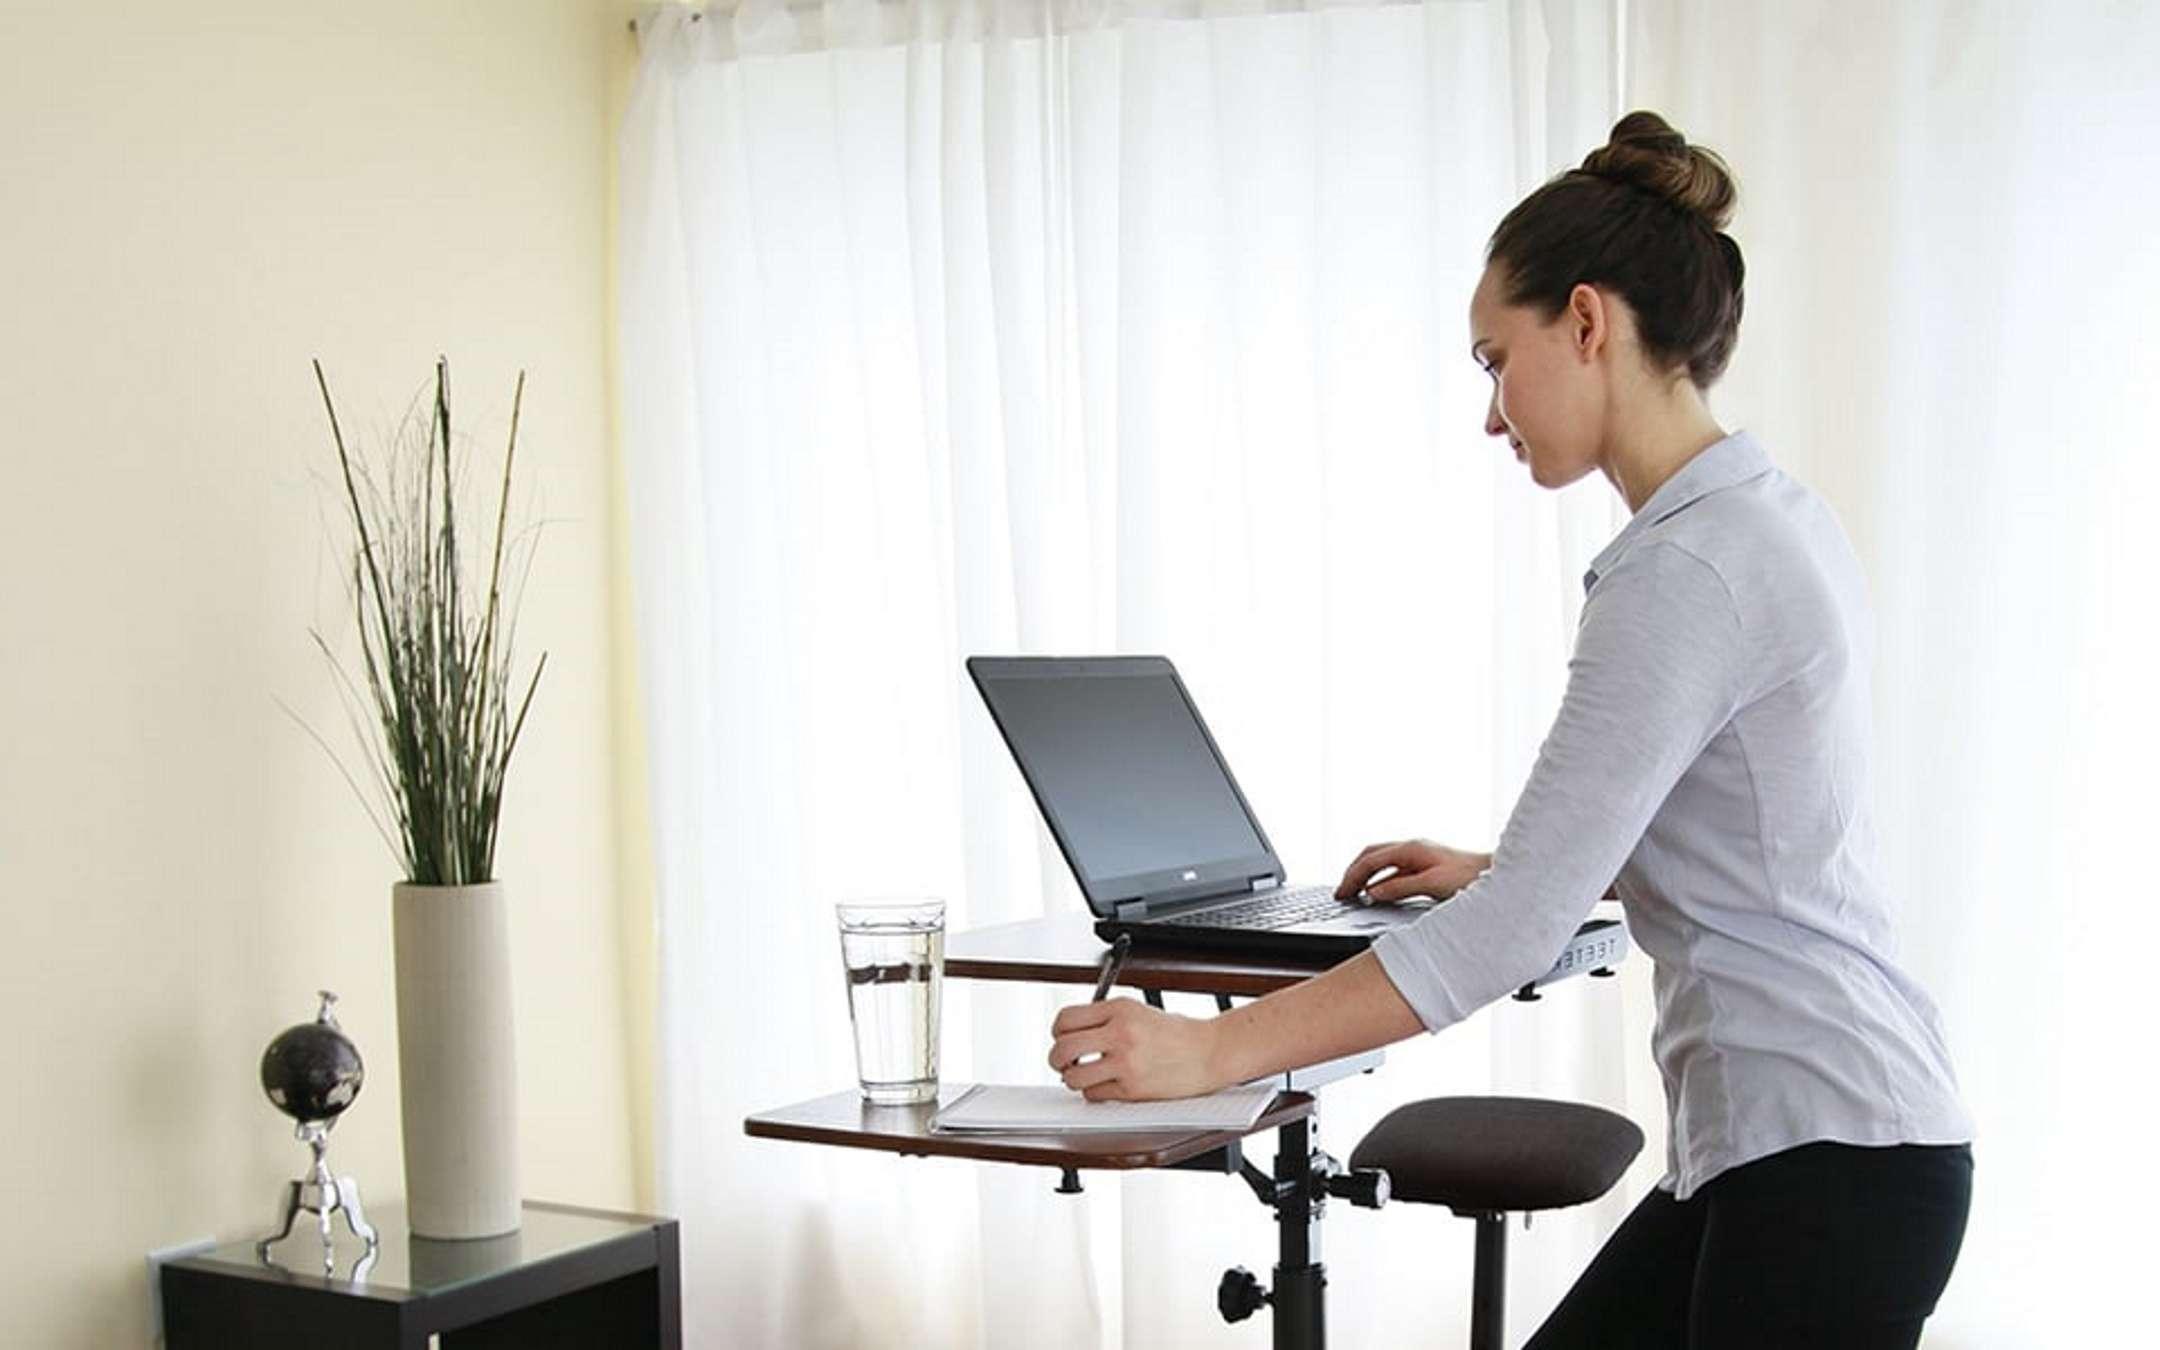 The best adjustable standing desks, for standing work